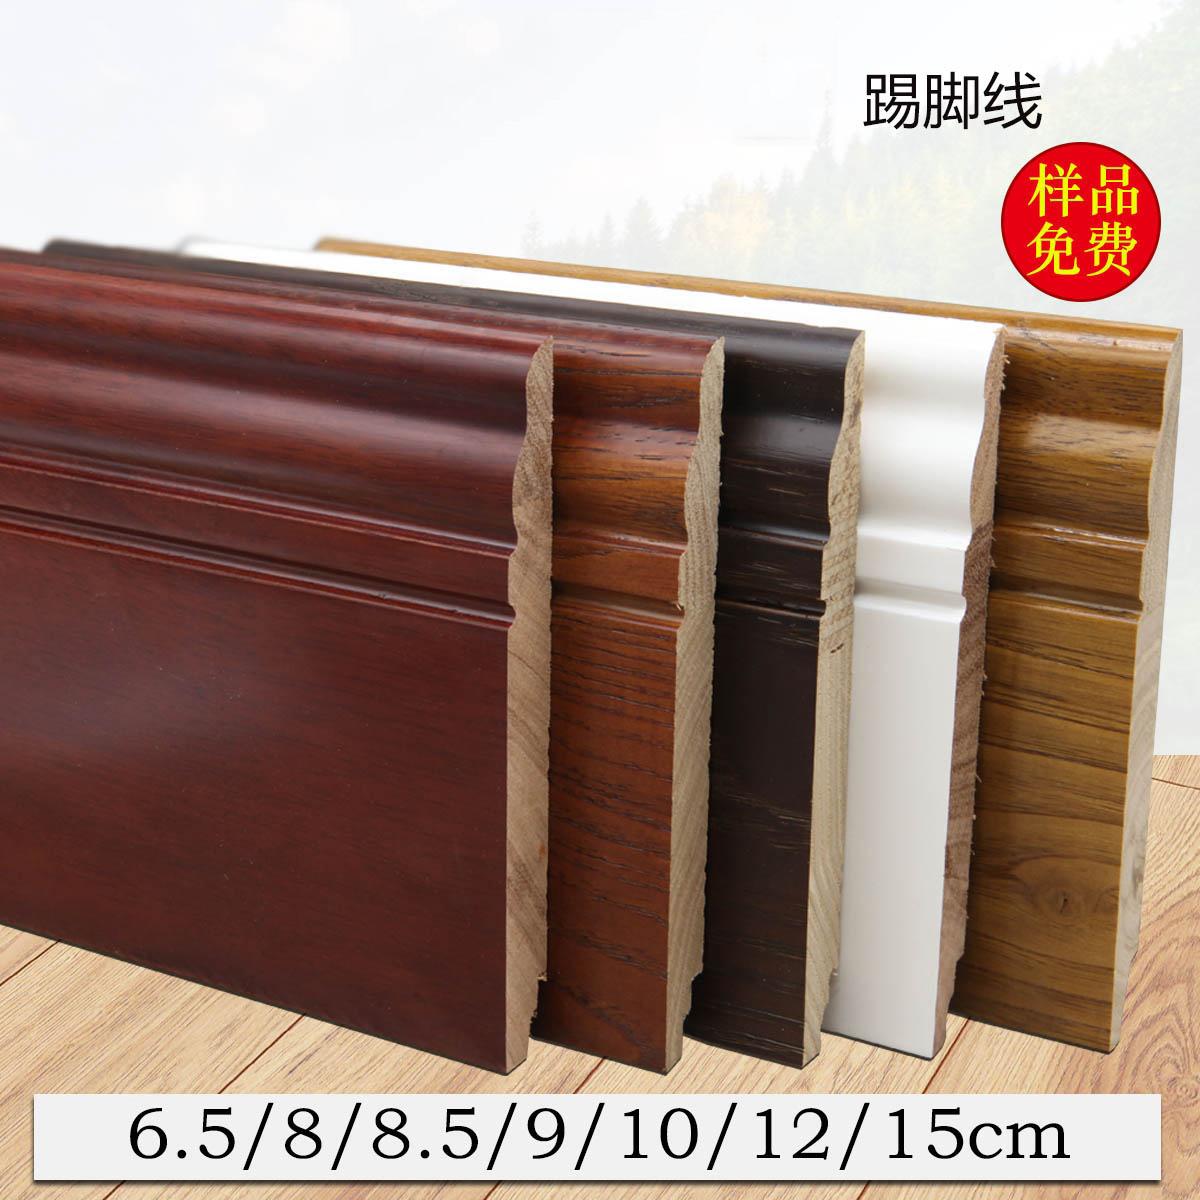 仿木紋踢腳線瓷磚墻貼封邊自粘護墻板12.15cm公分踢腳線平板簡約